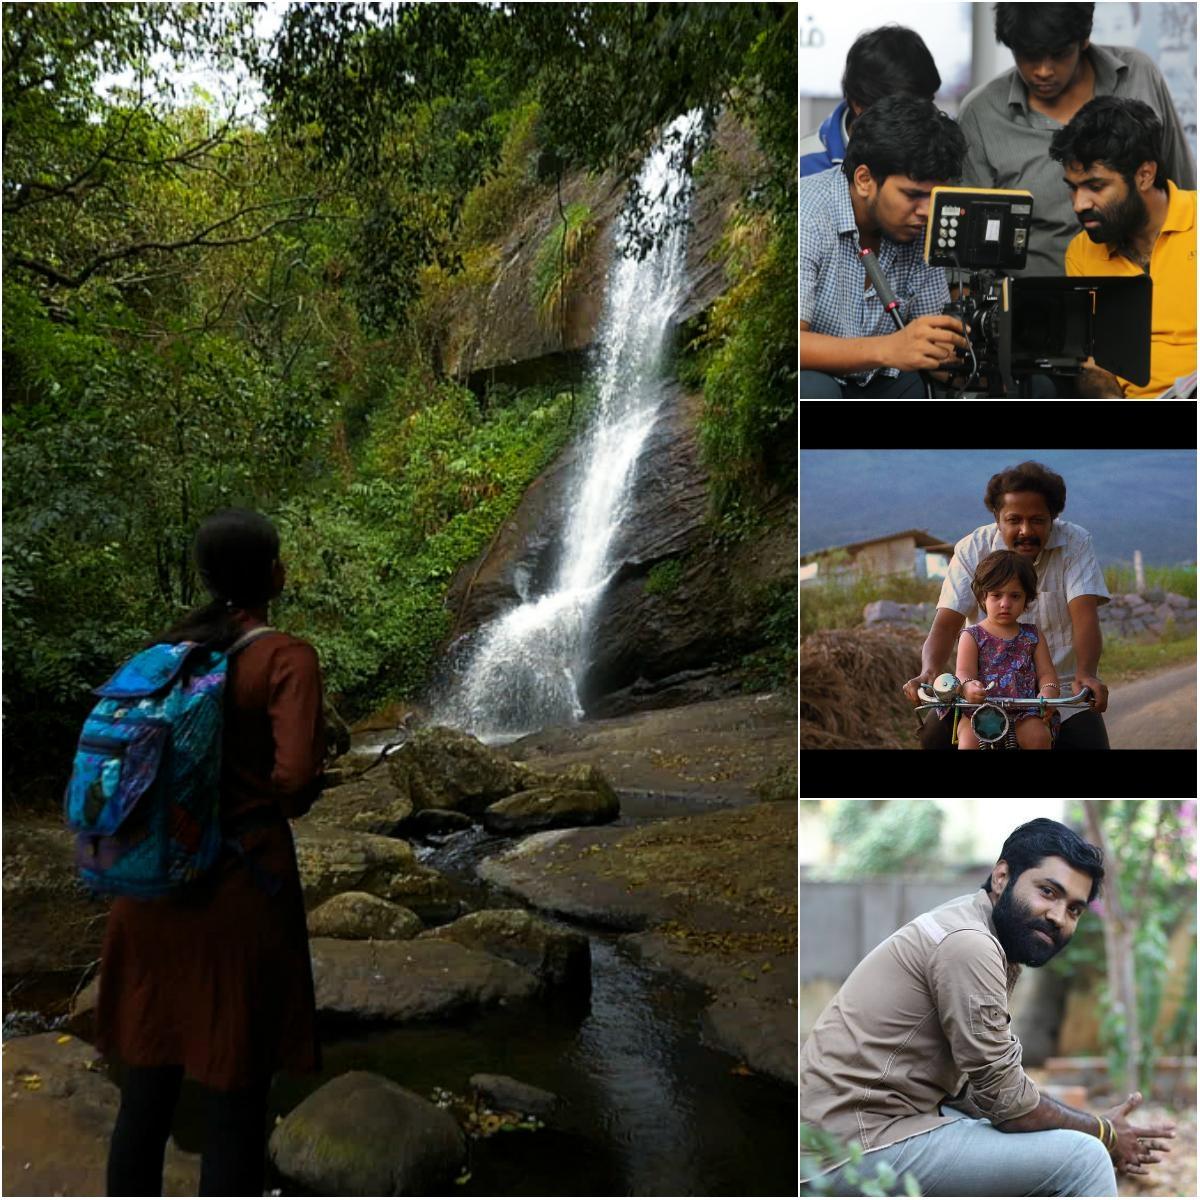 அருவி - இயக்குநர் அருண் பிரபு புருஷோத்தமன்